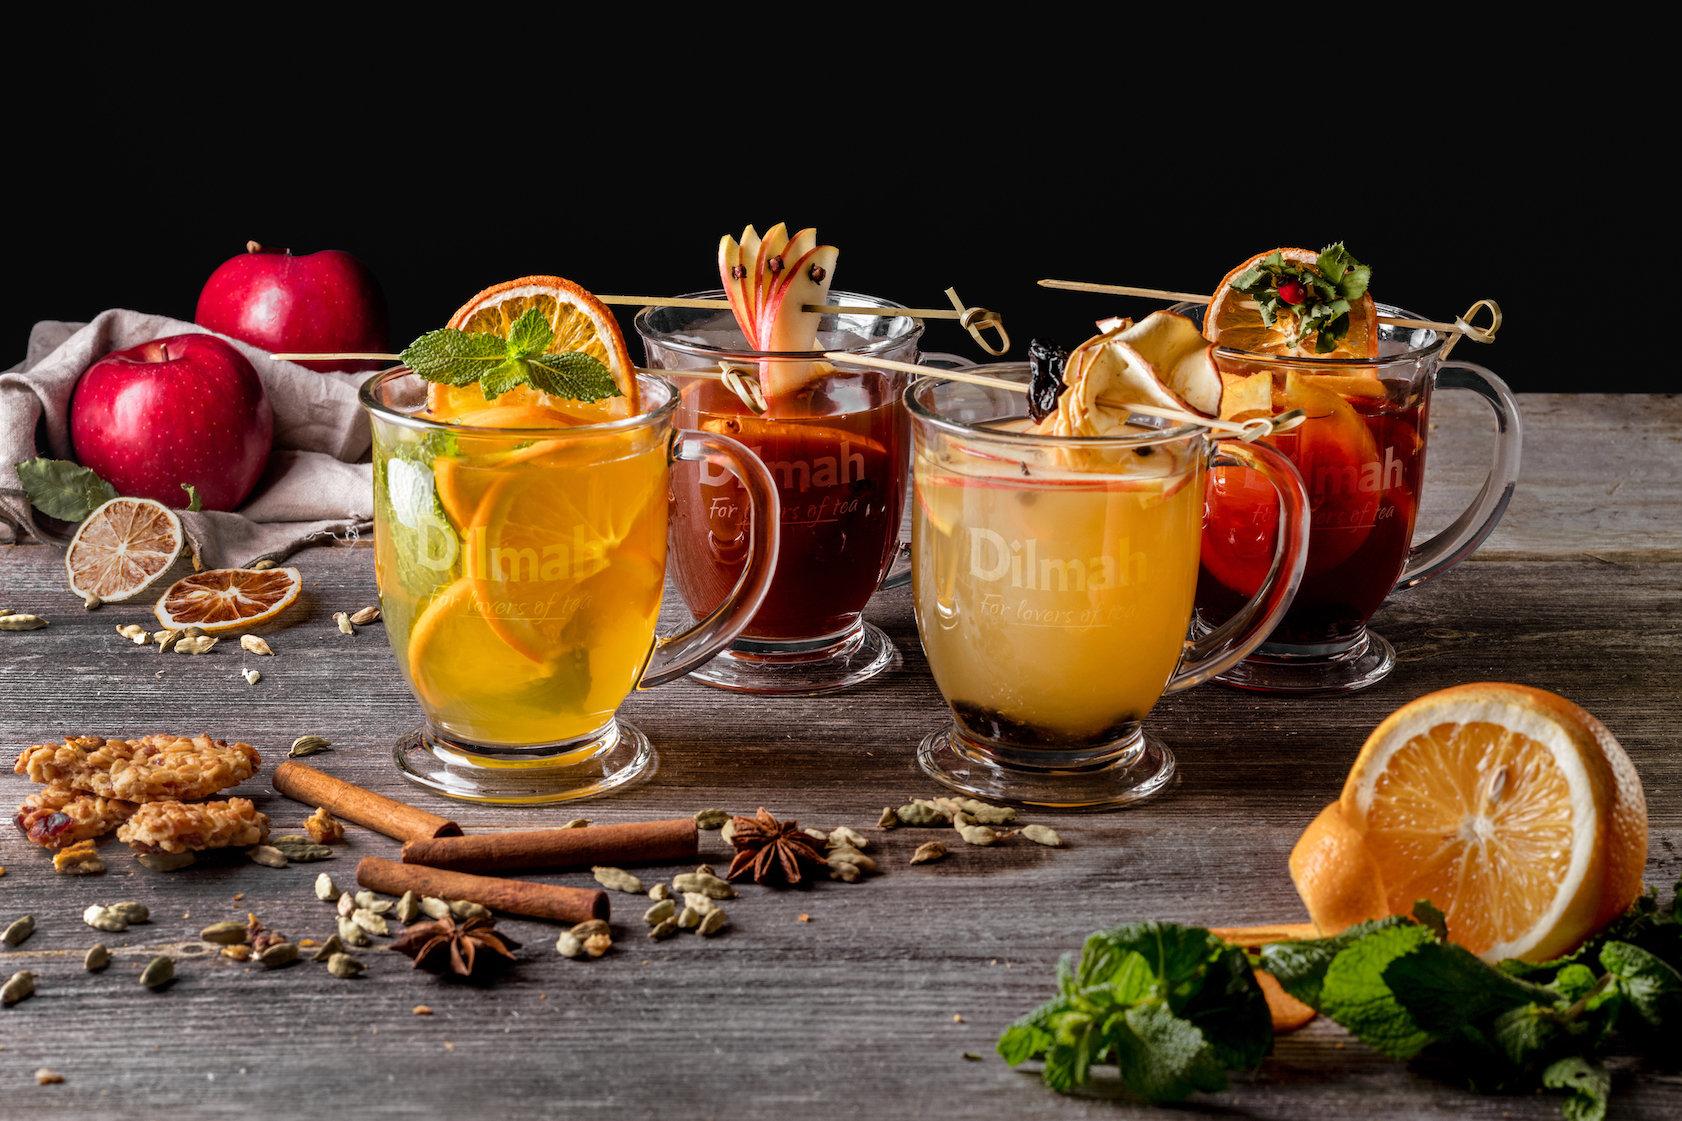 Rusza kolejna edycja herbacianego projektu Dilmah